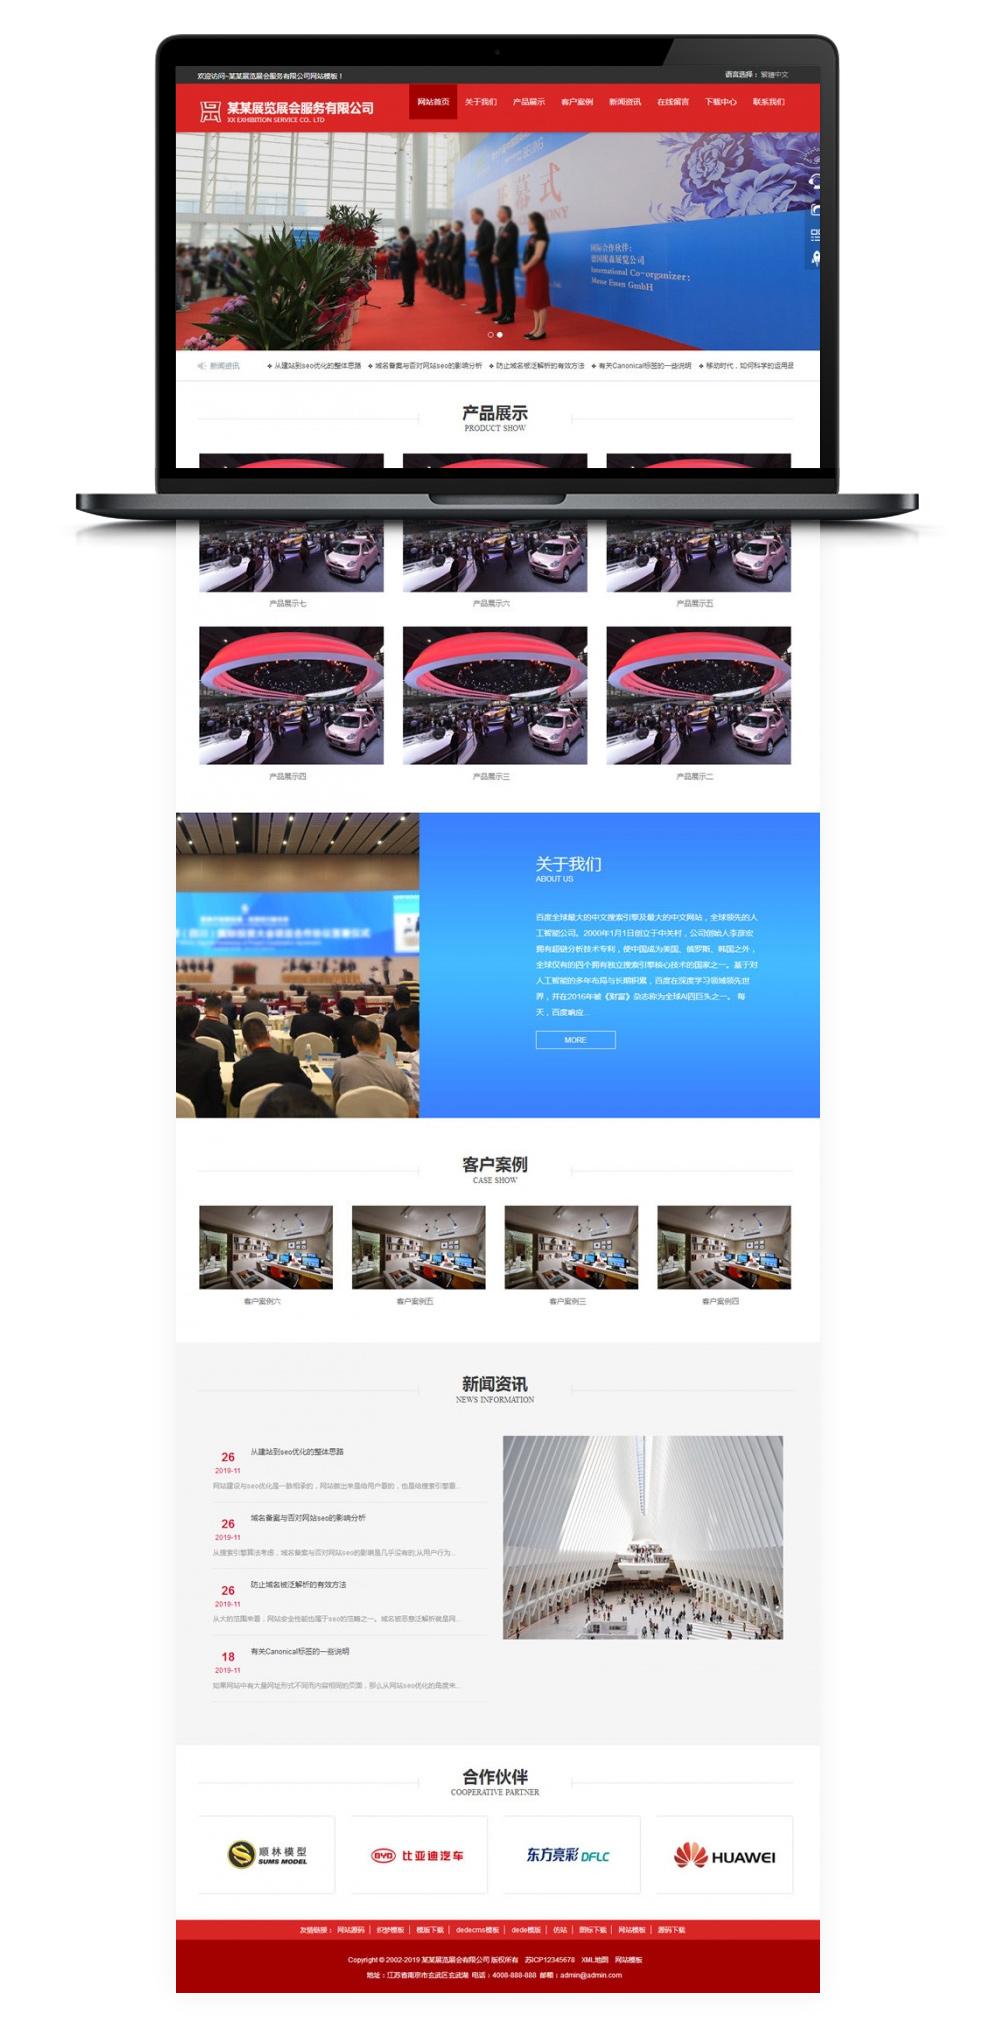 【织梦展览展会模板】HTML5响应式展览展会服务类网站源码自适应手机[DEDECMS内核]-找主题源码